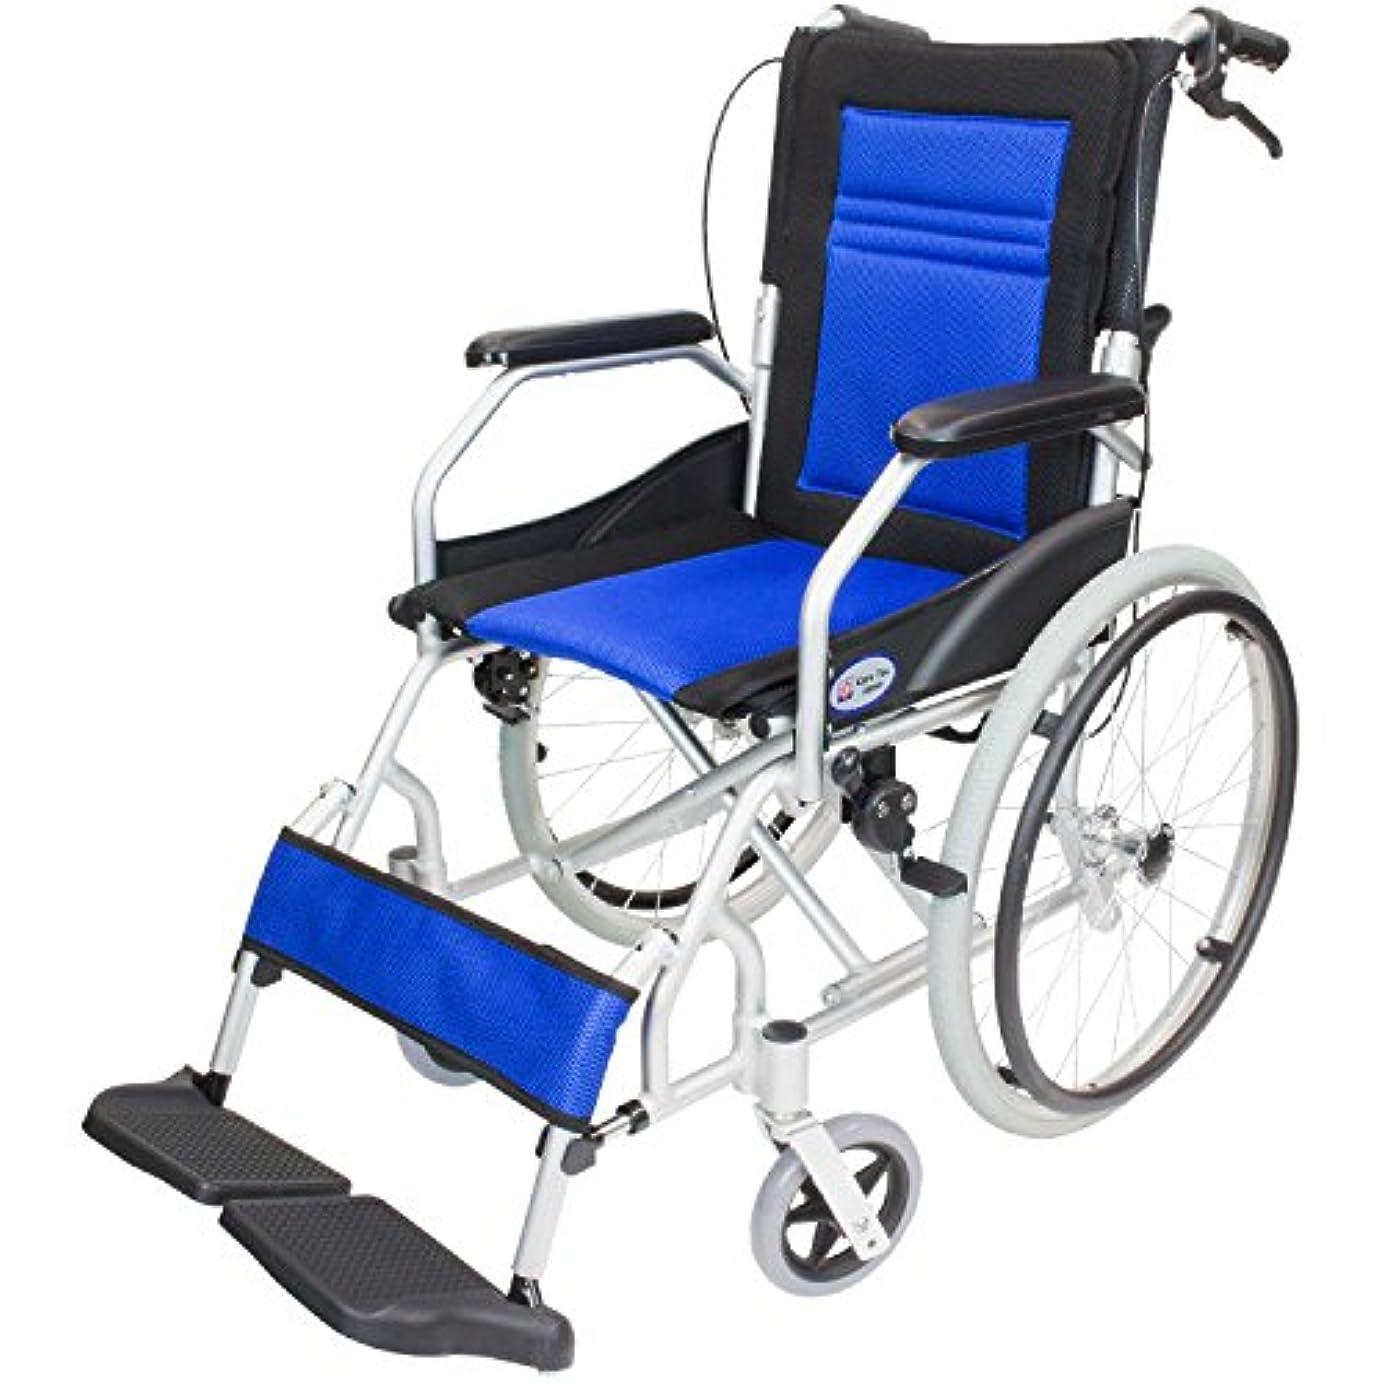 アクティブ忌避剤ティッシュケアテックジャパン 軽量 自走式アルミ製車椅子 CA-12SU ハピネスライト(ブルー)